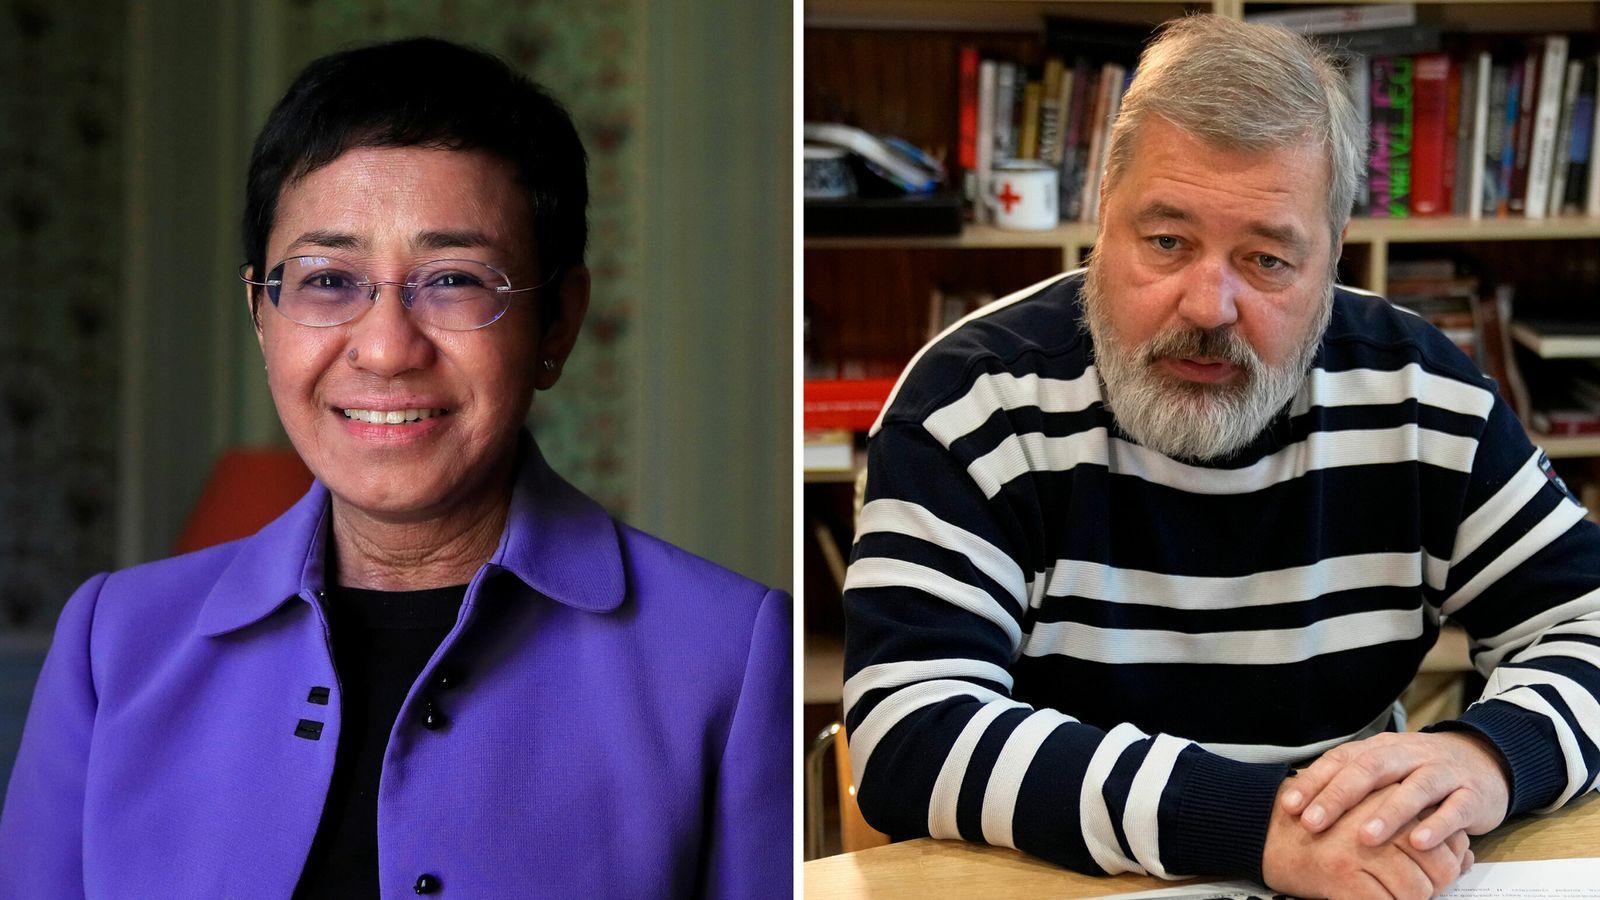 MARIA RESSA AND DMITRY MURATOV WIN 2021 NOBEL PEACE PRIZEcomp - AP/REUTERS